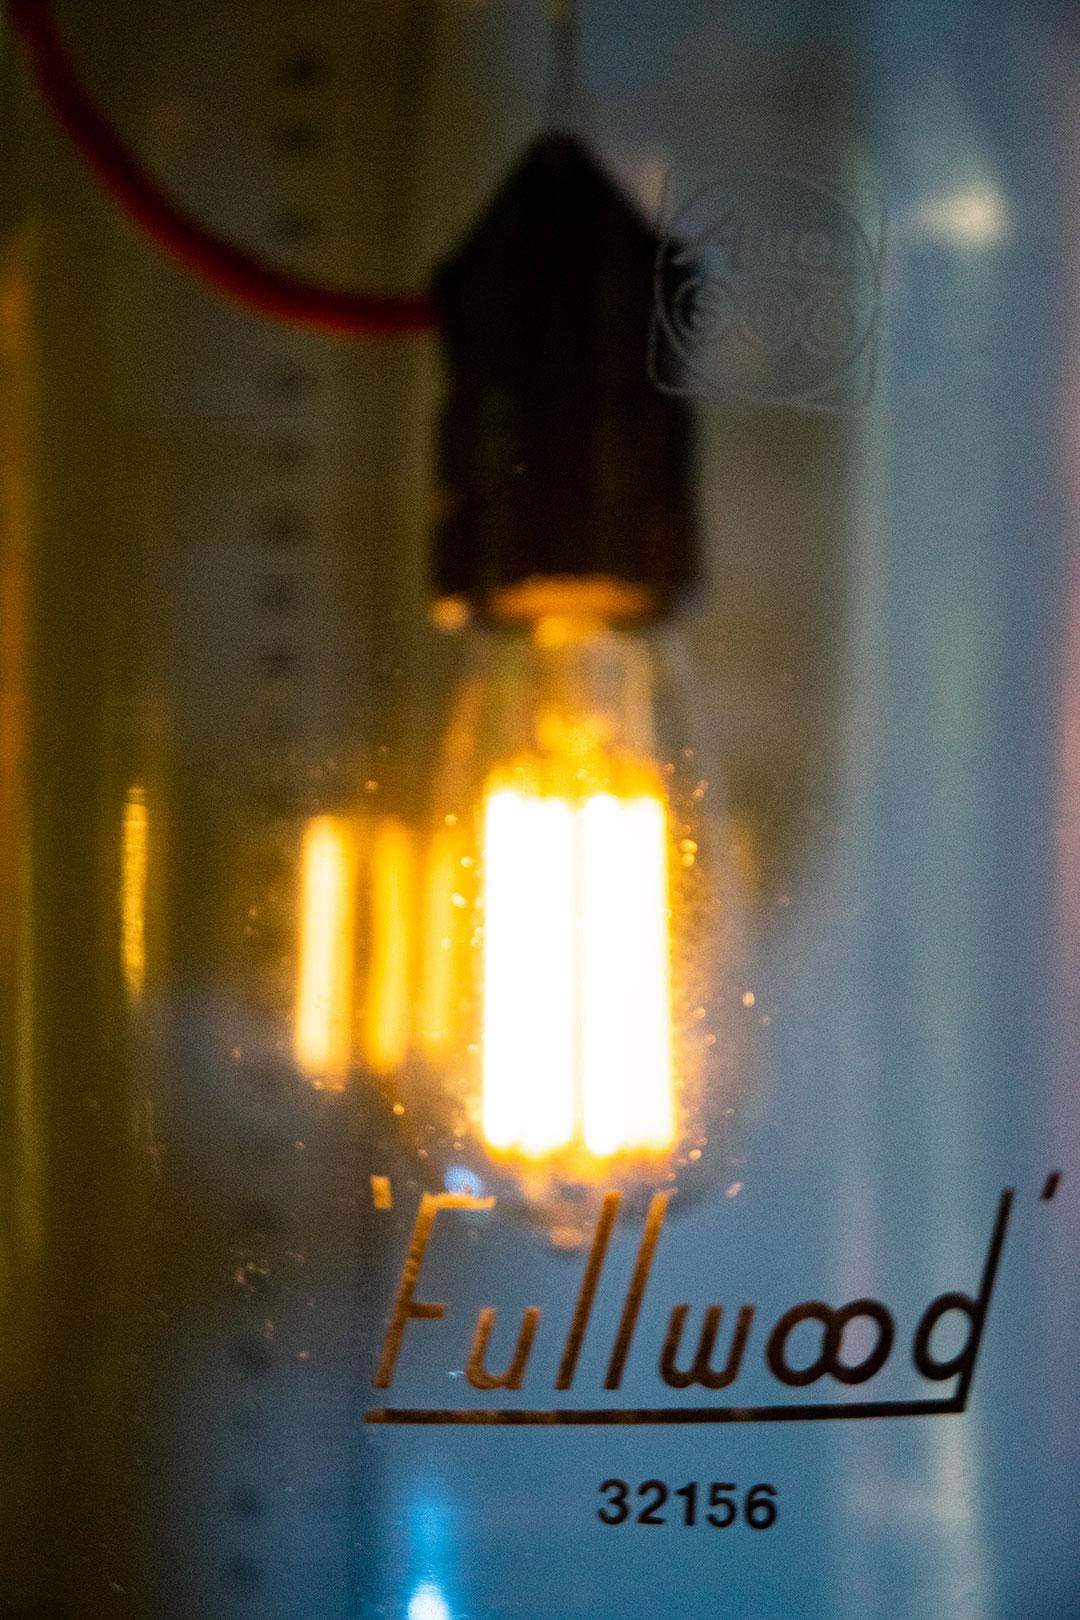 GotMilk-Fullwood-KamielVorwerk-11